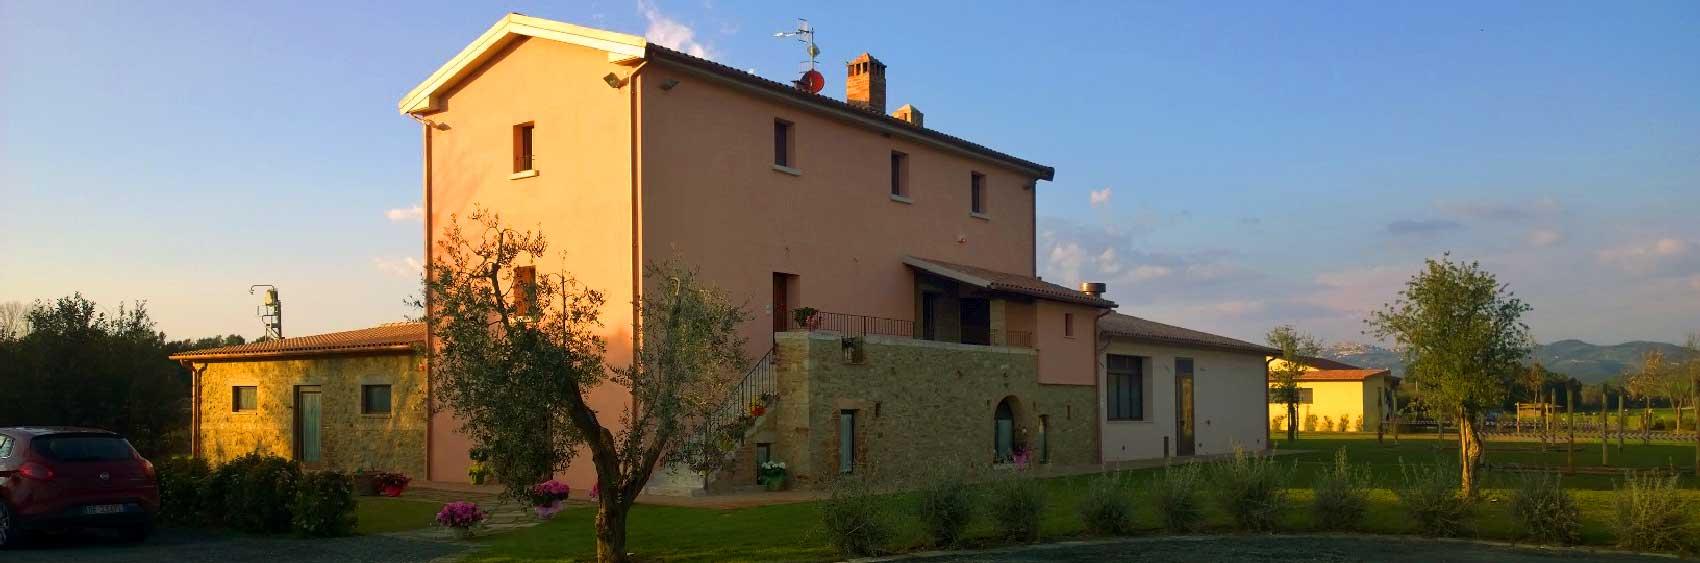 casetta-santini-facciata